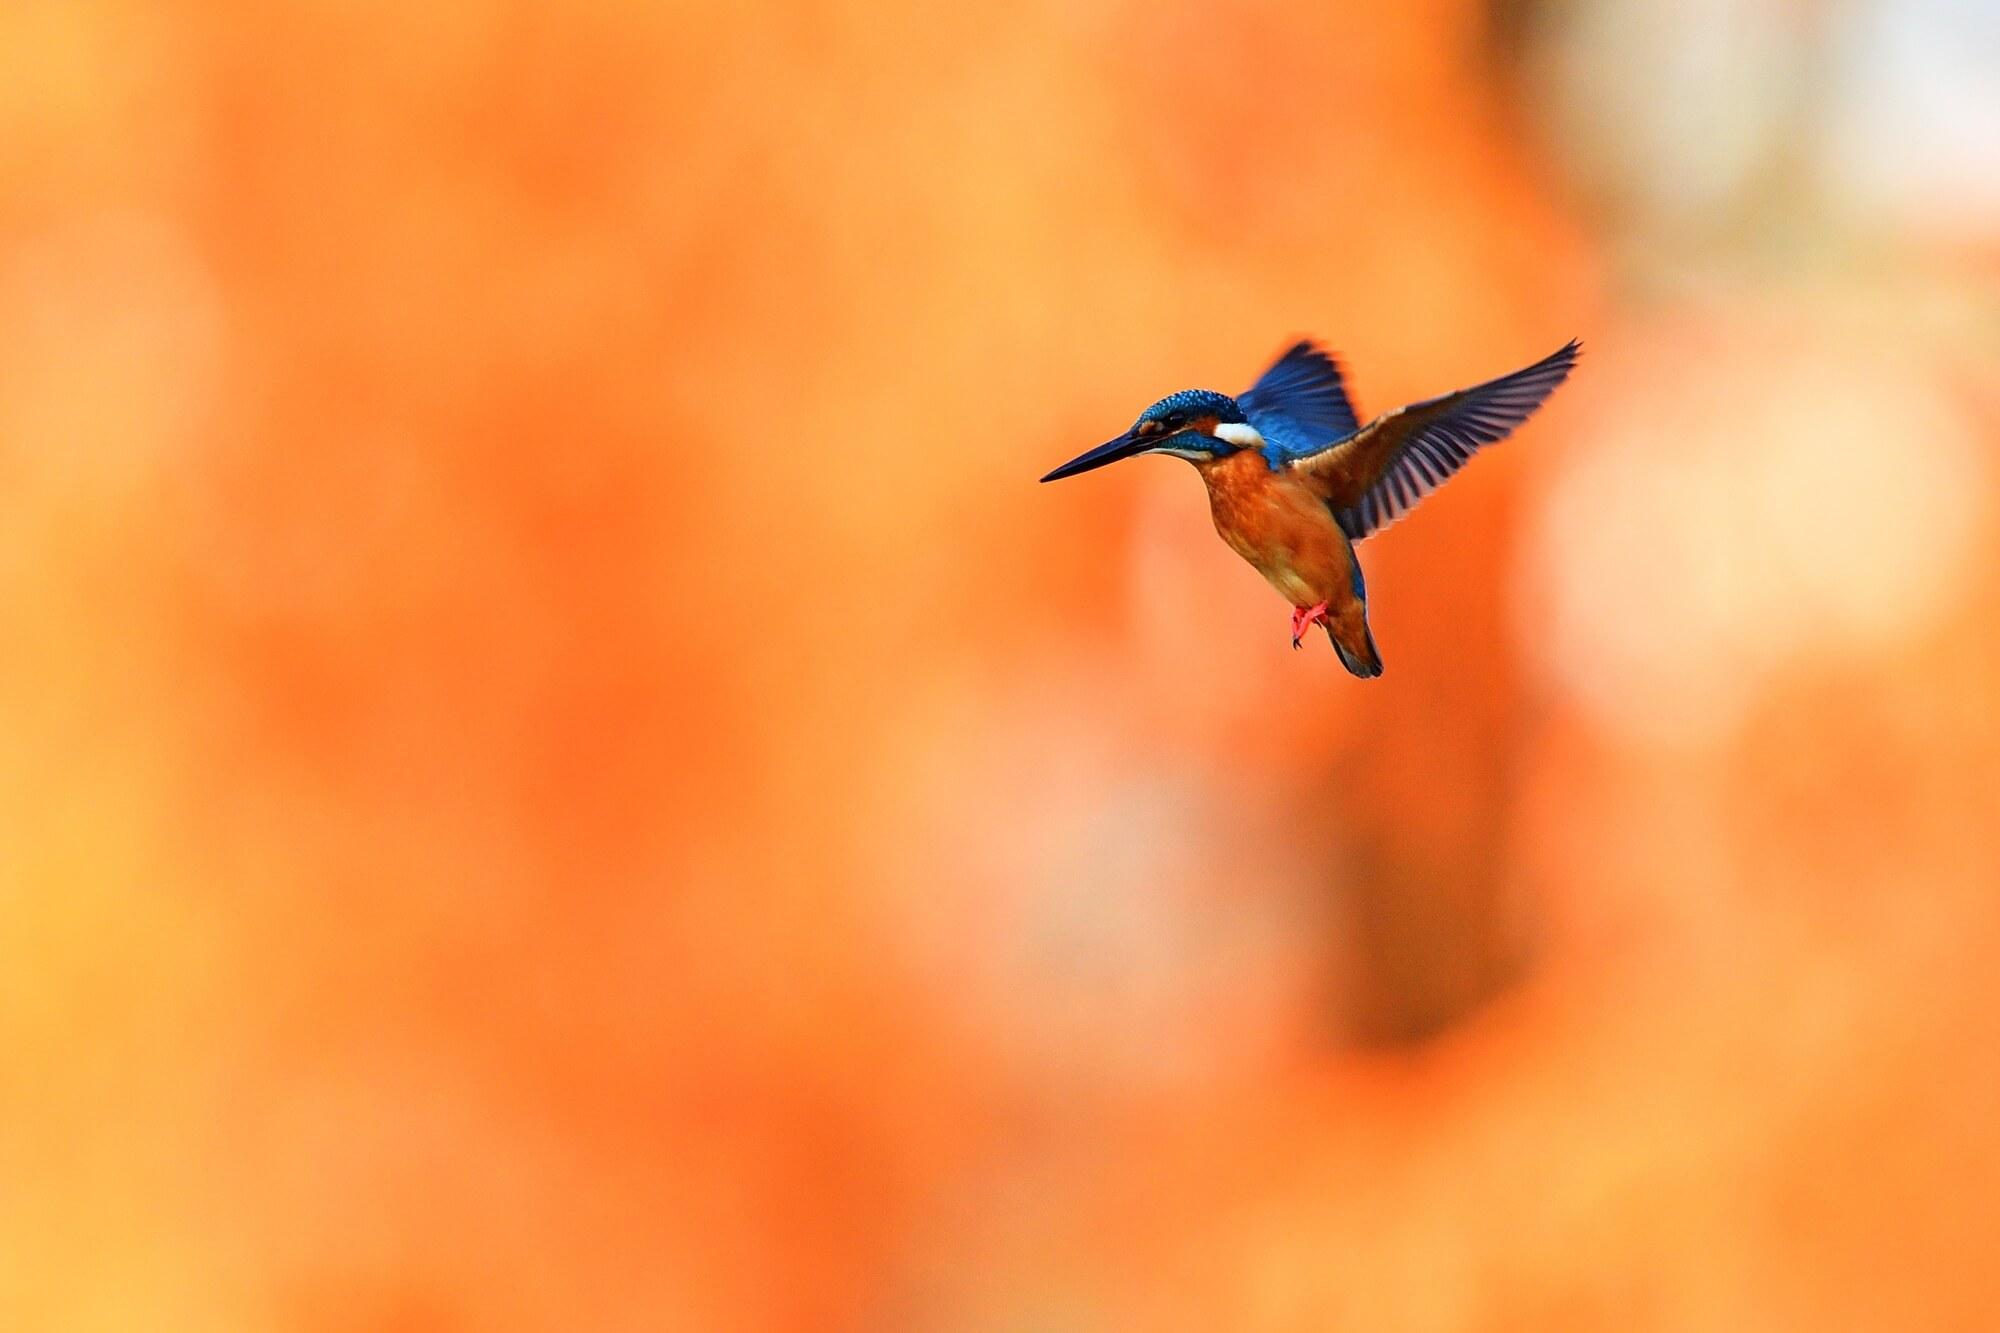 【スピリチュアルメッセージ】鳥にはどんな意味があるの?夜の鳴き声には・・・